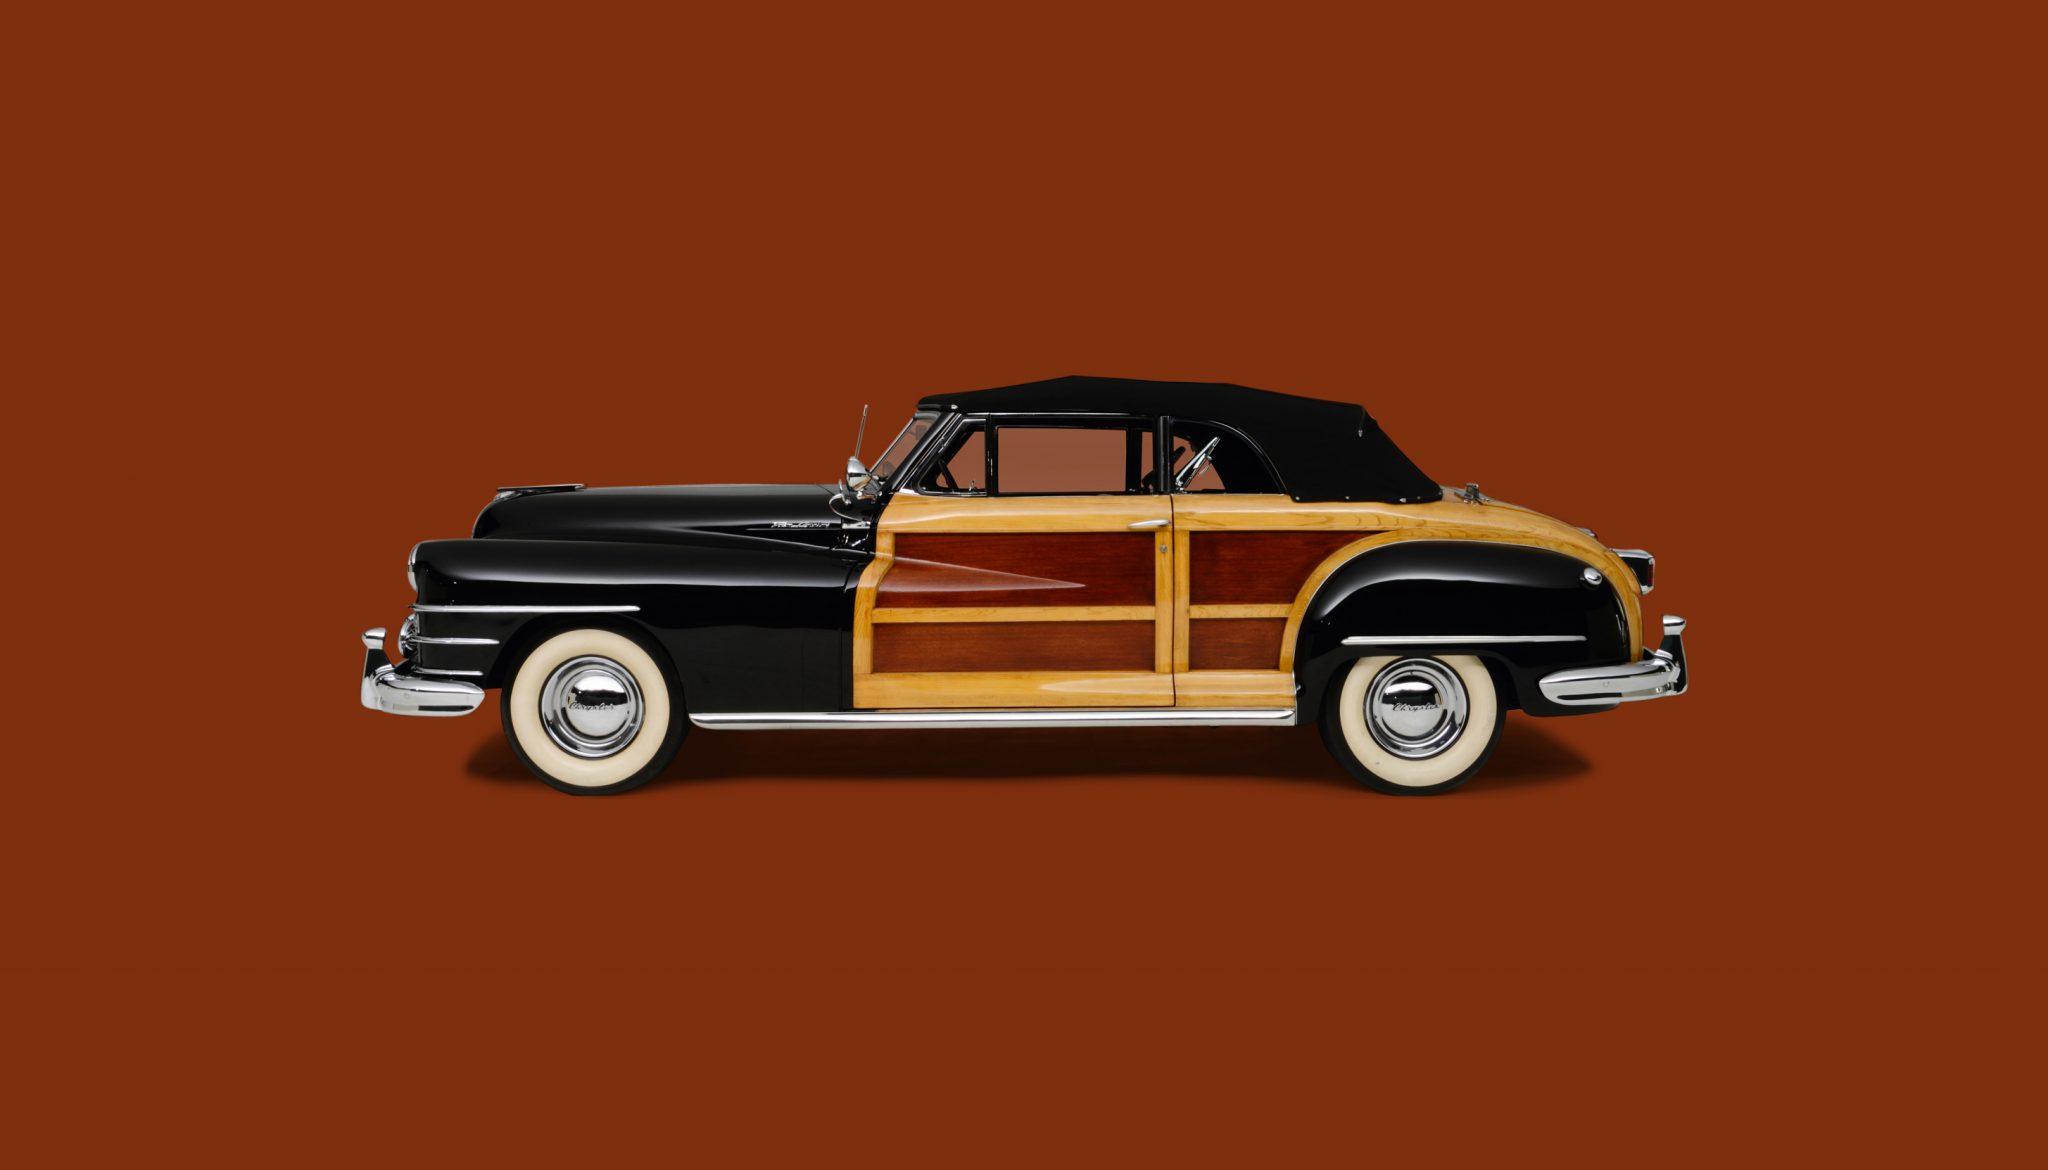 Bekijk Chrysler Town & Country Convertible in het Louwman Museum